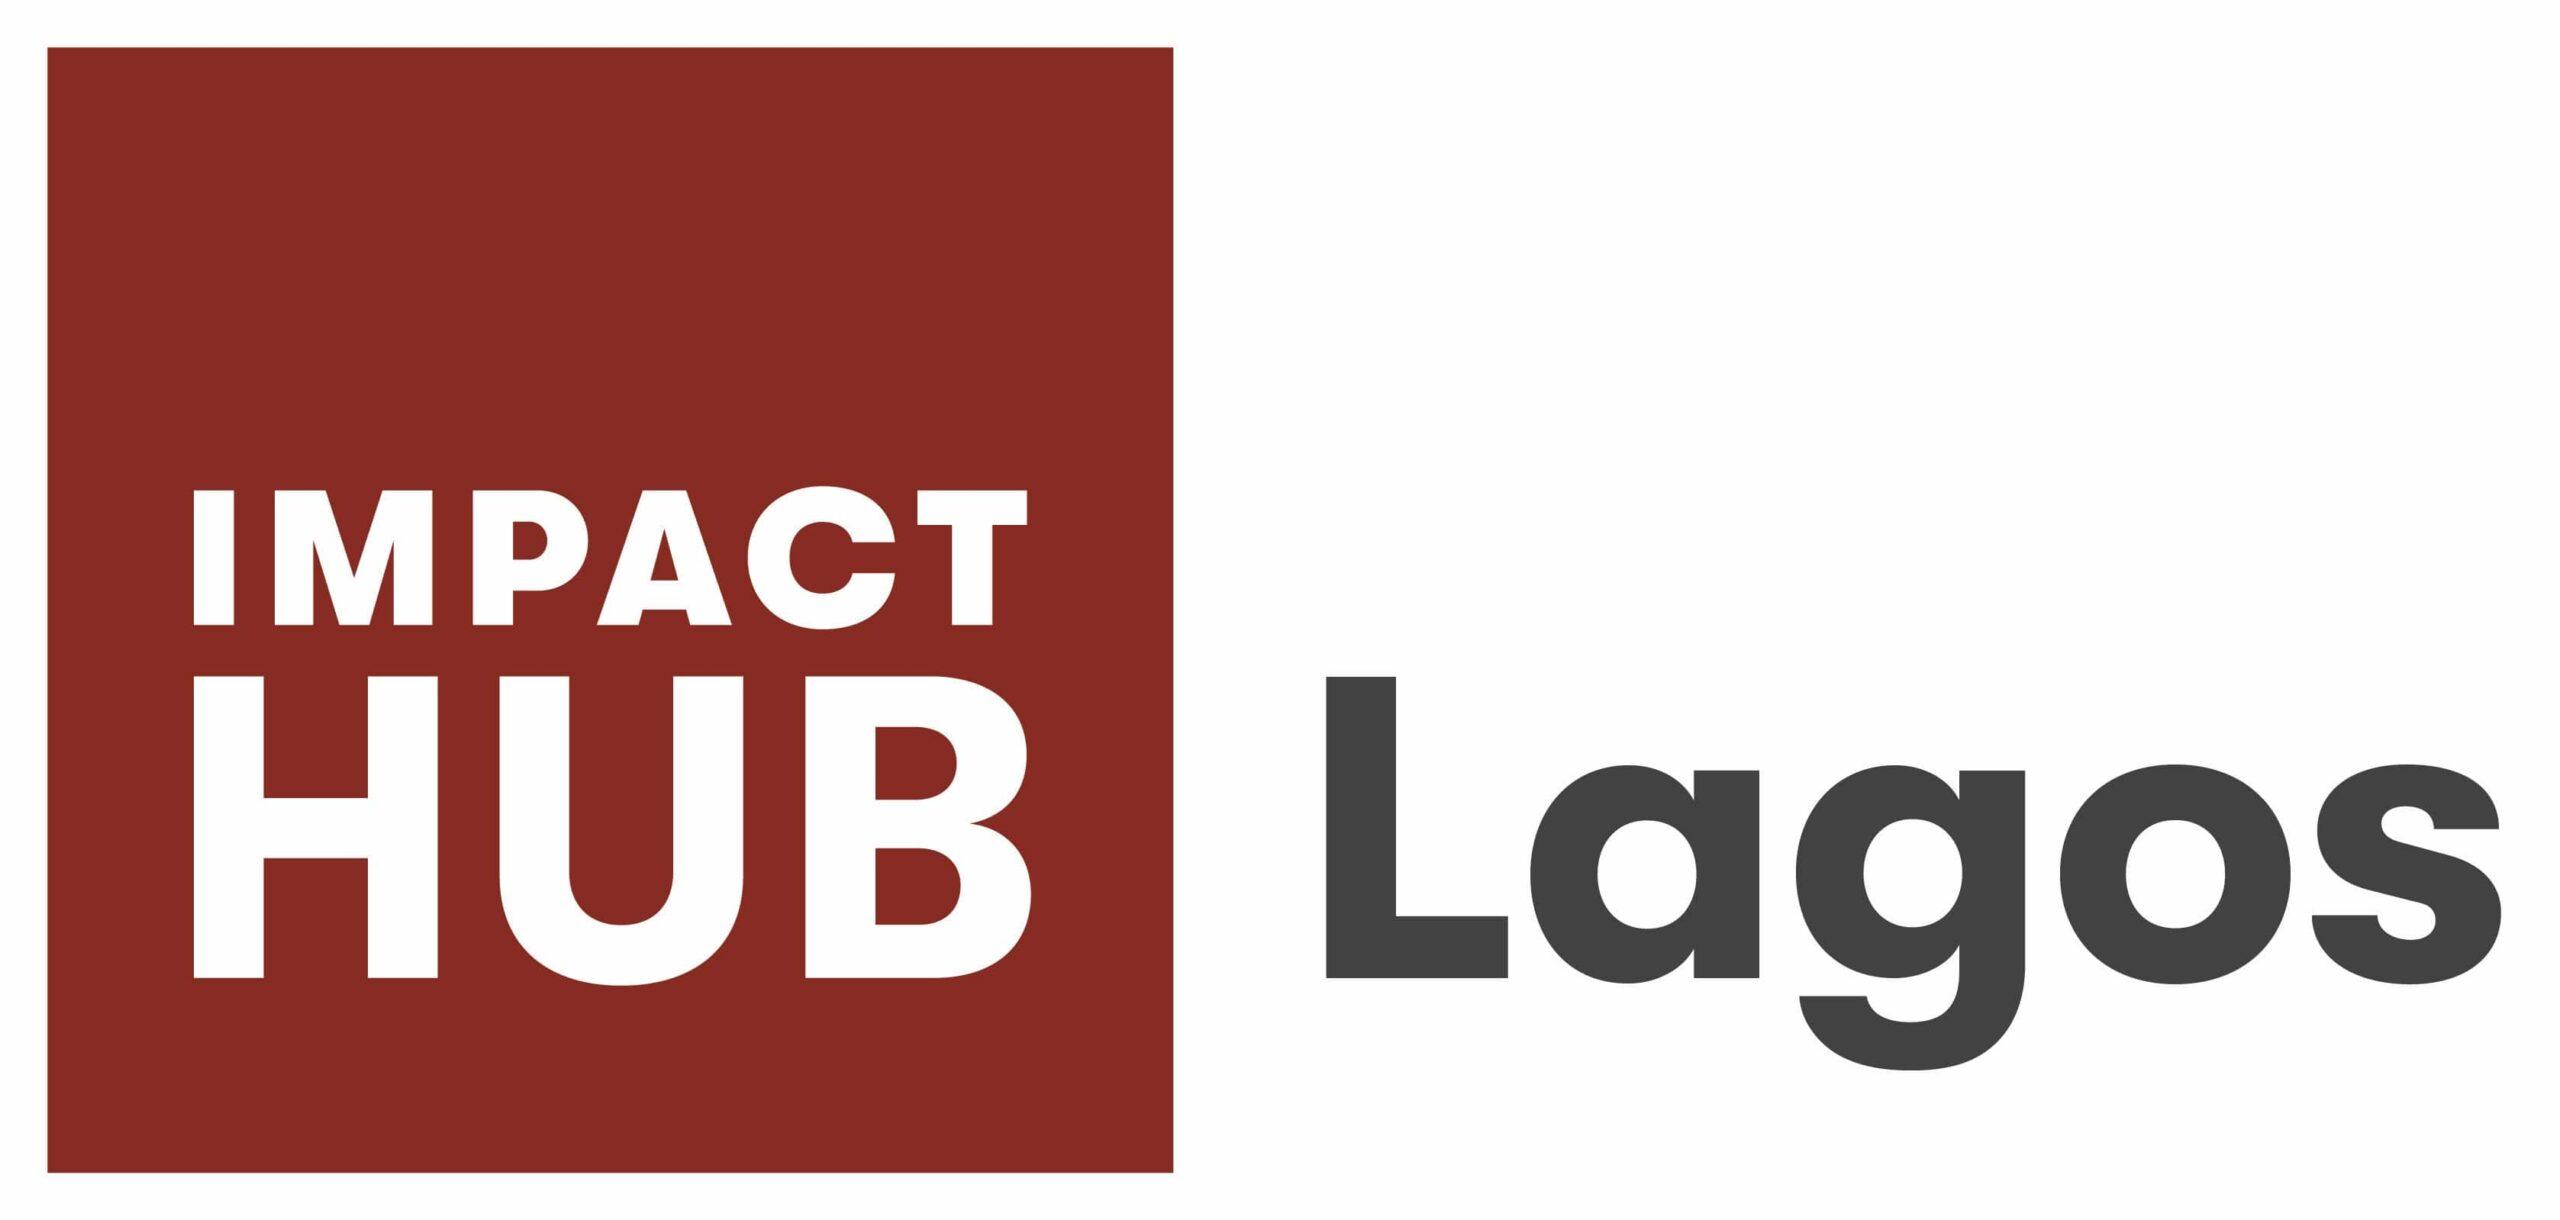 ImpactHub Lagos